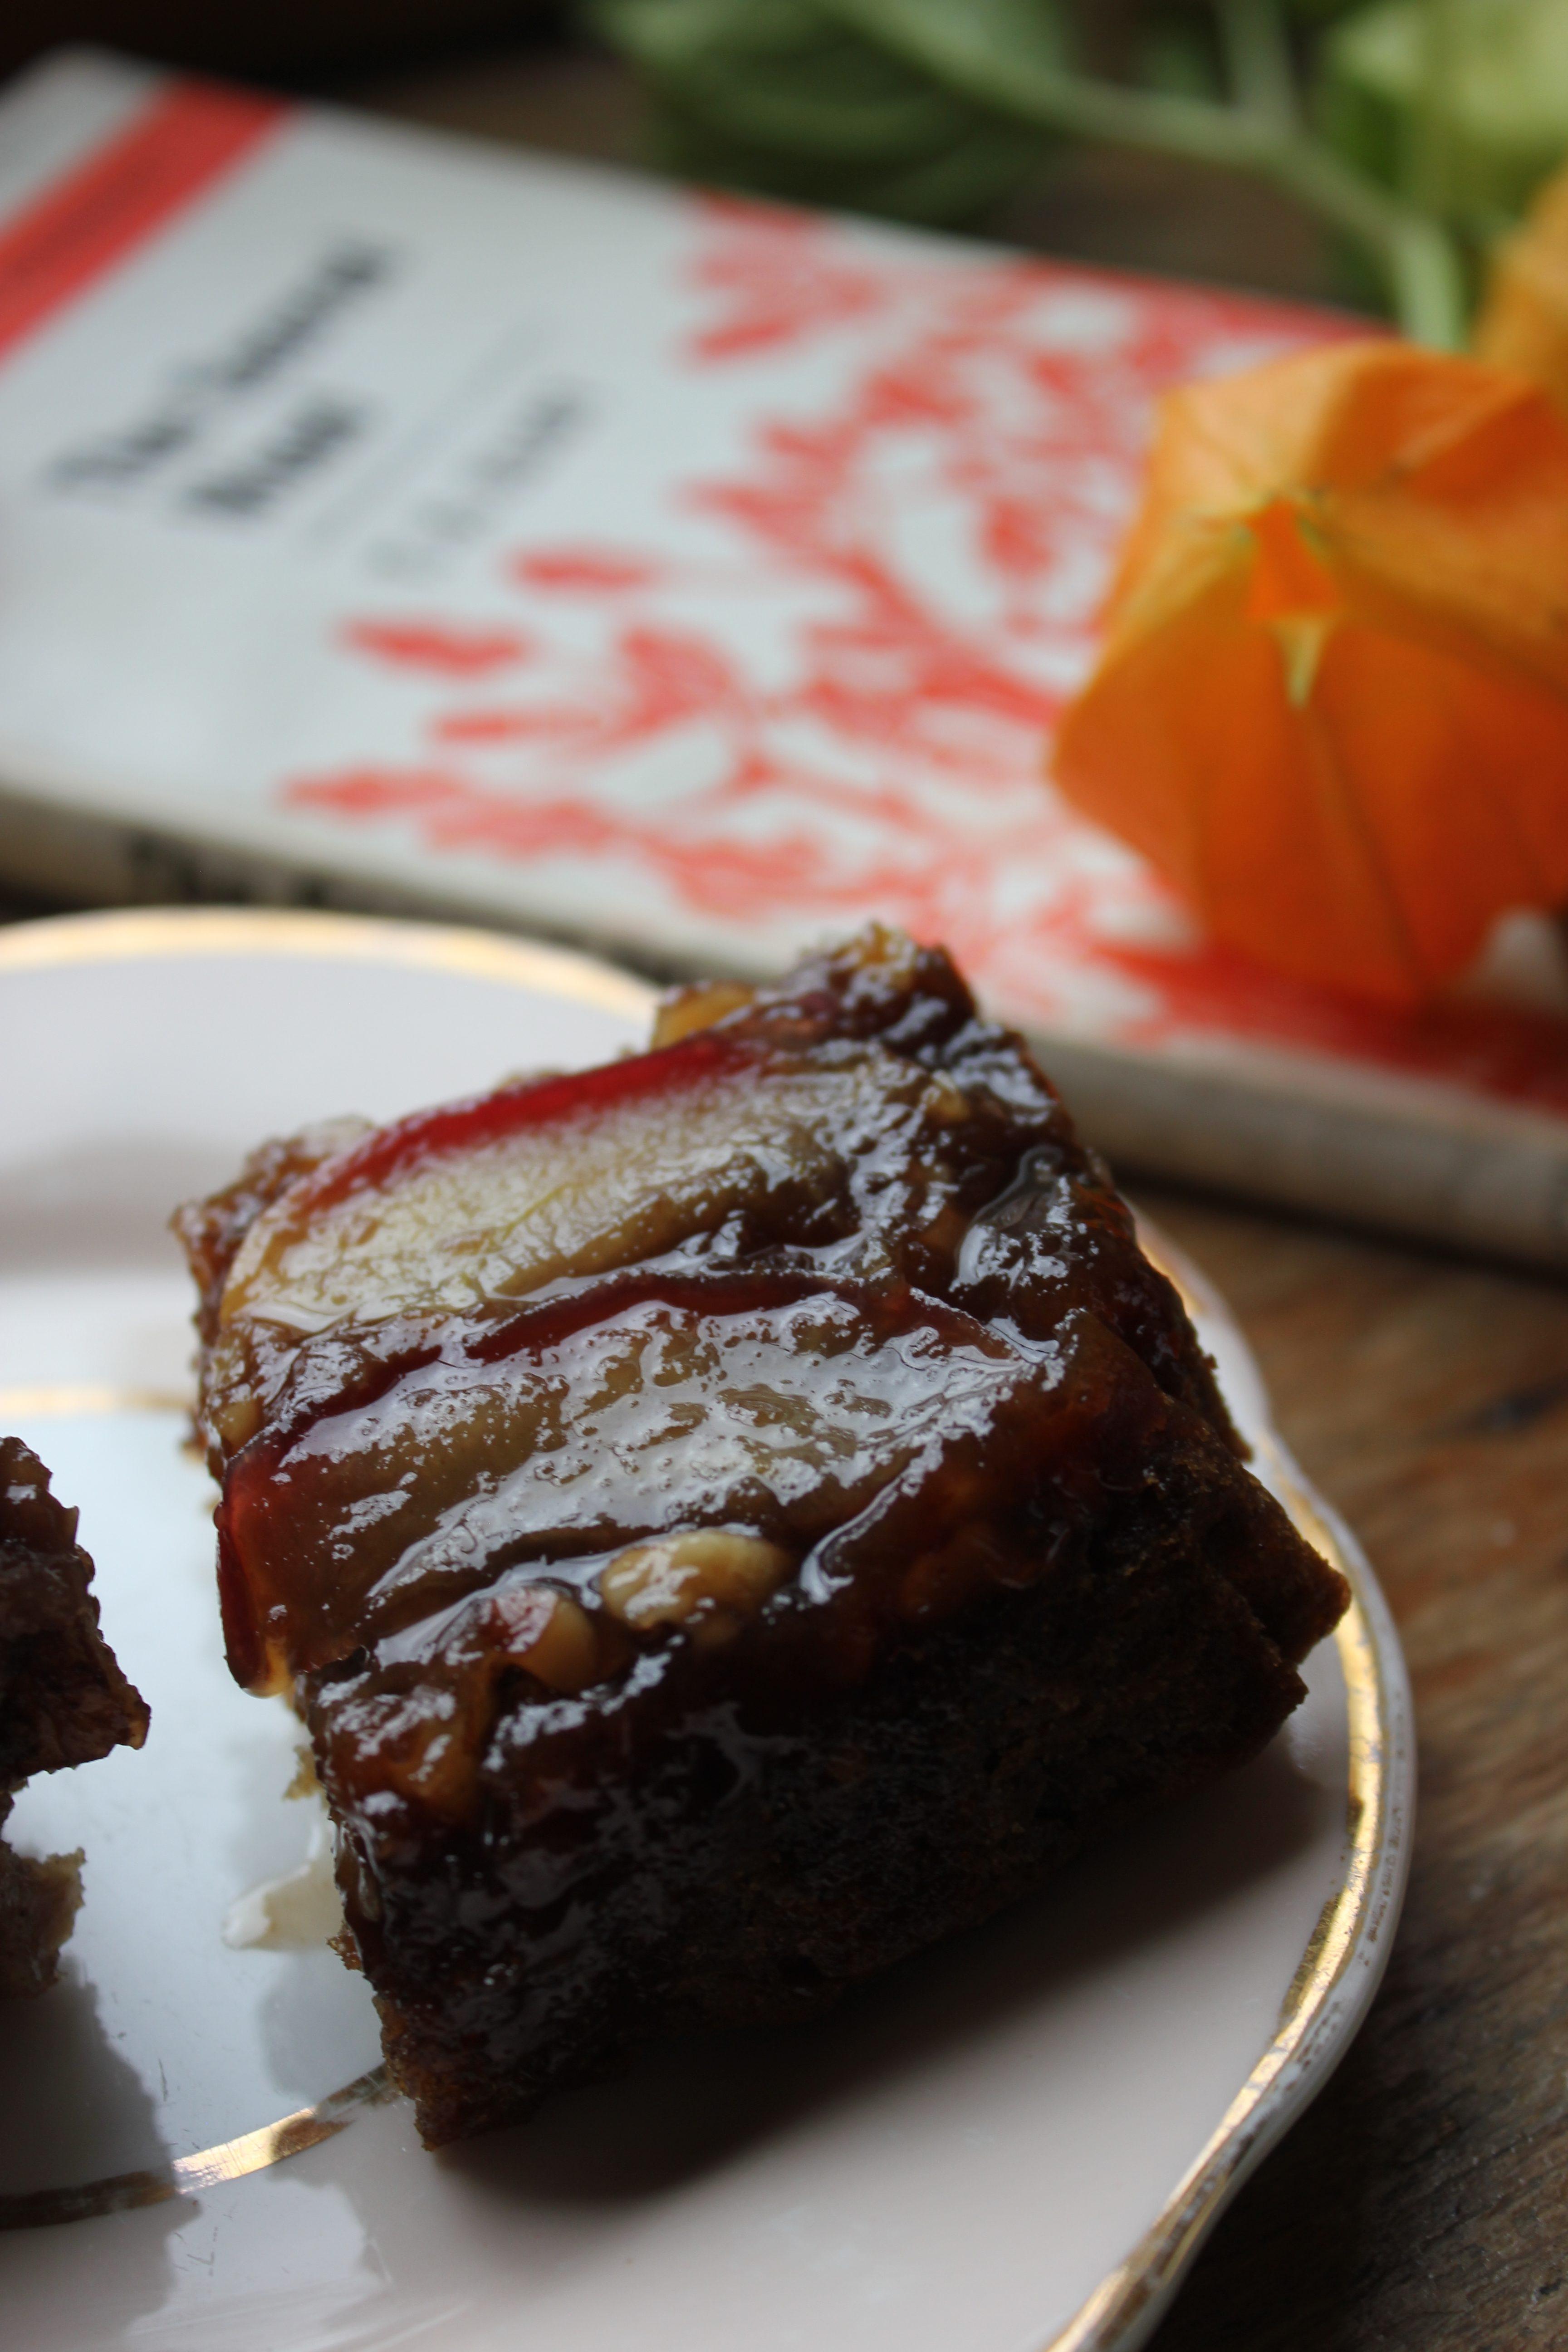 Vegan toffee apple upside down cake